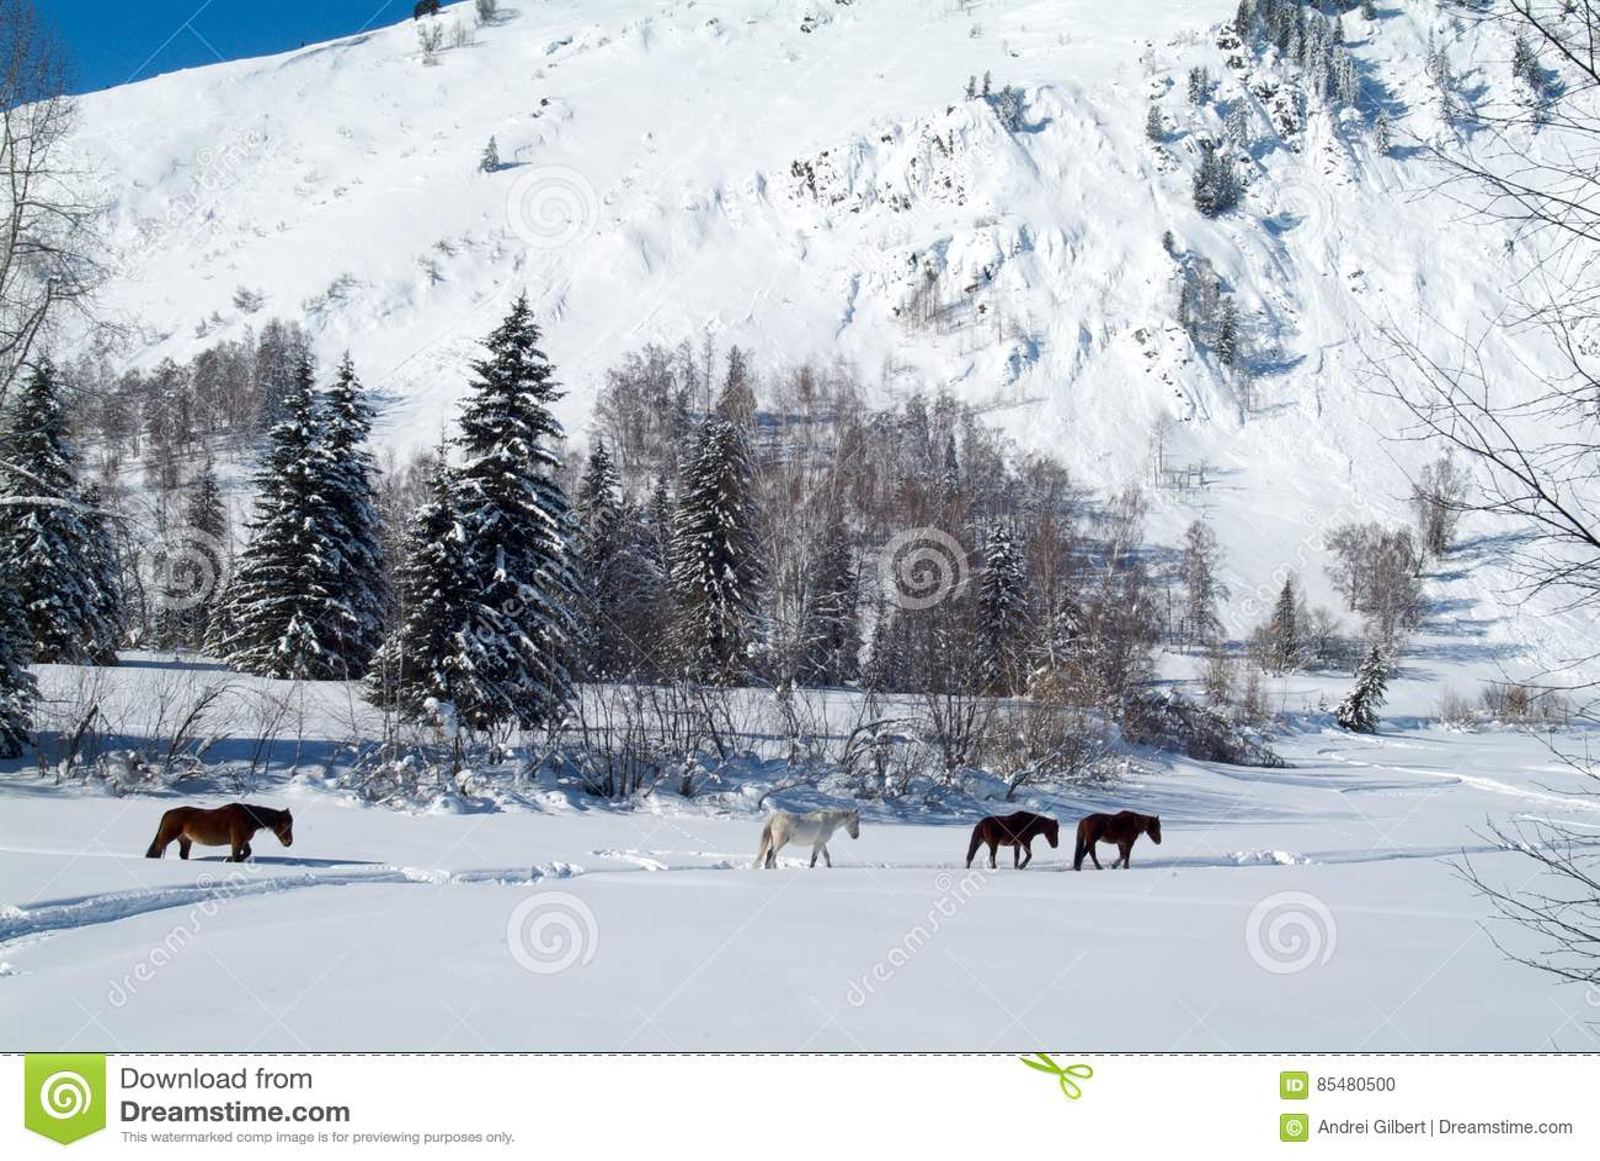 4 лошади приходят из замороженного леса